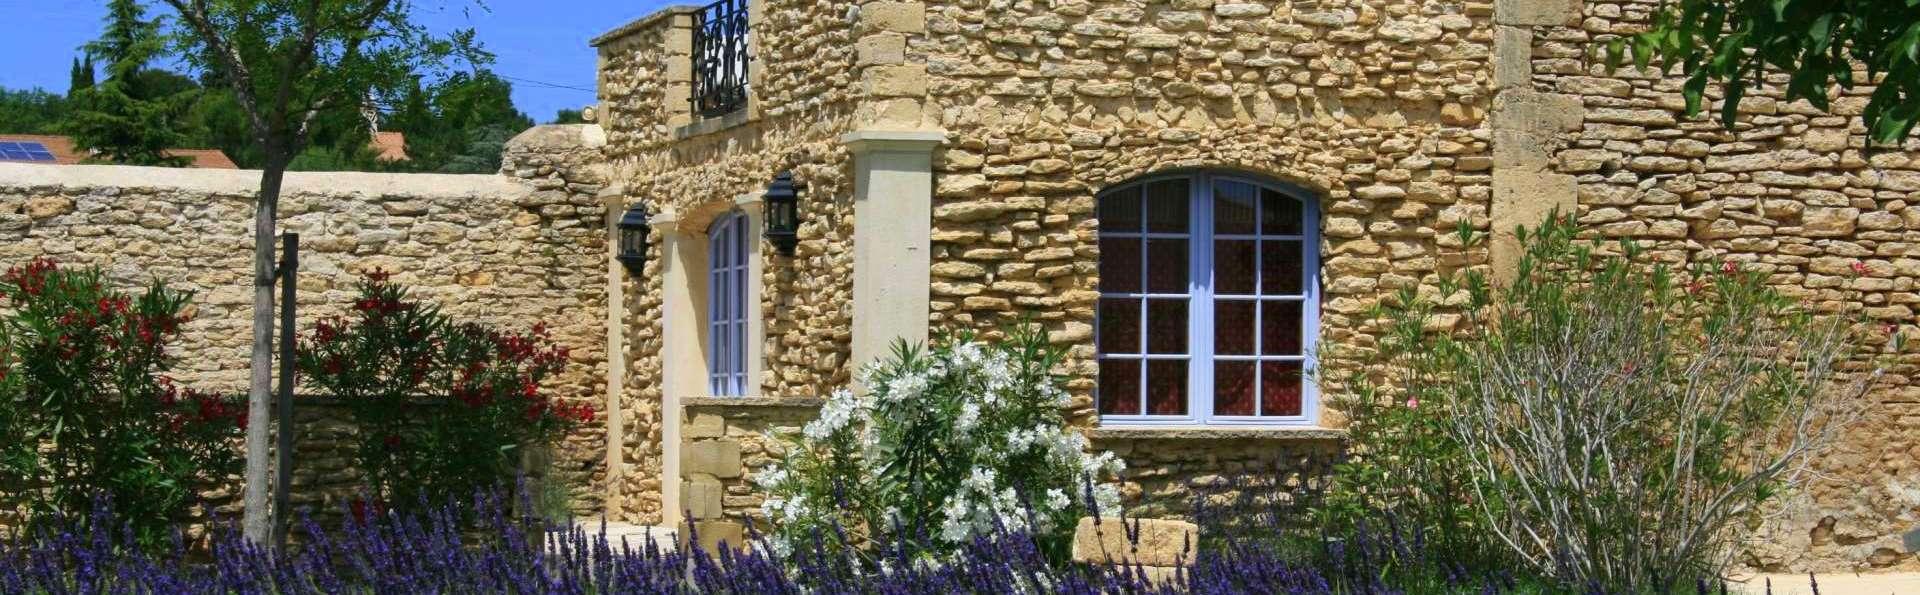 Domaine des Escaunes - lavandes-1920x1190.jpg